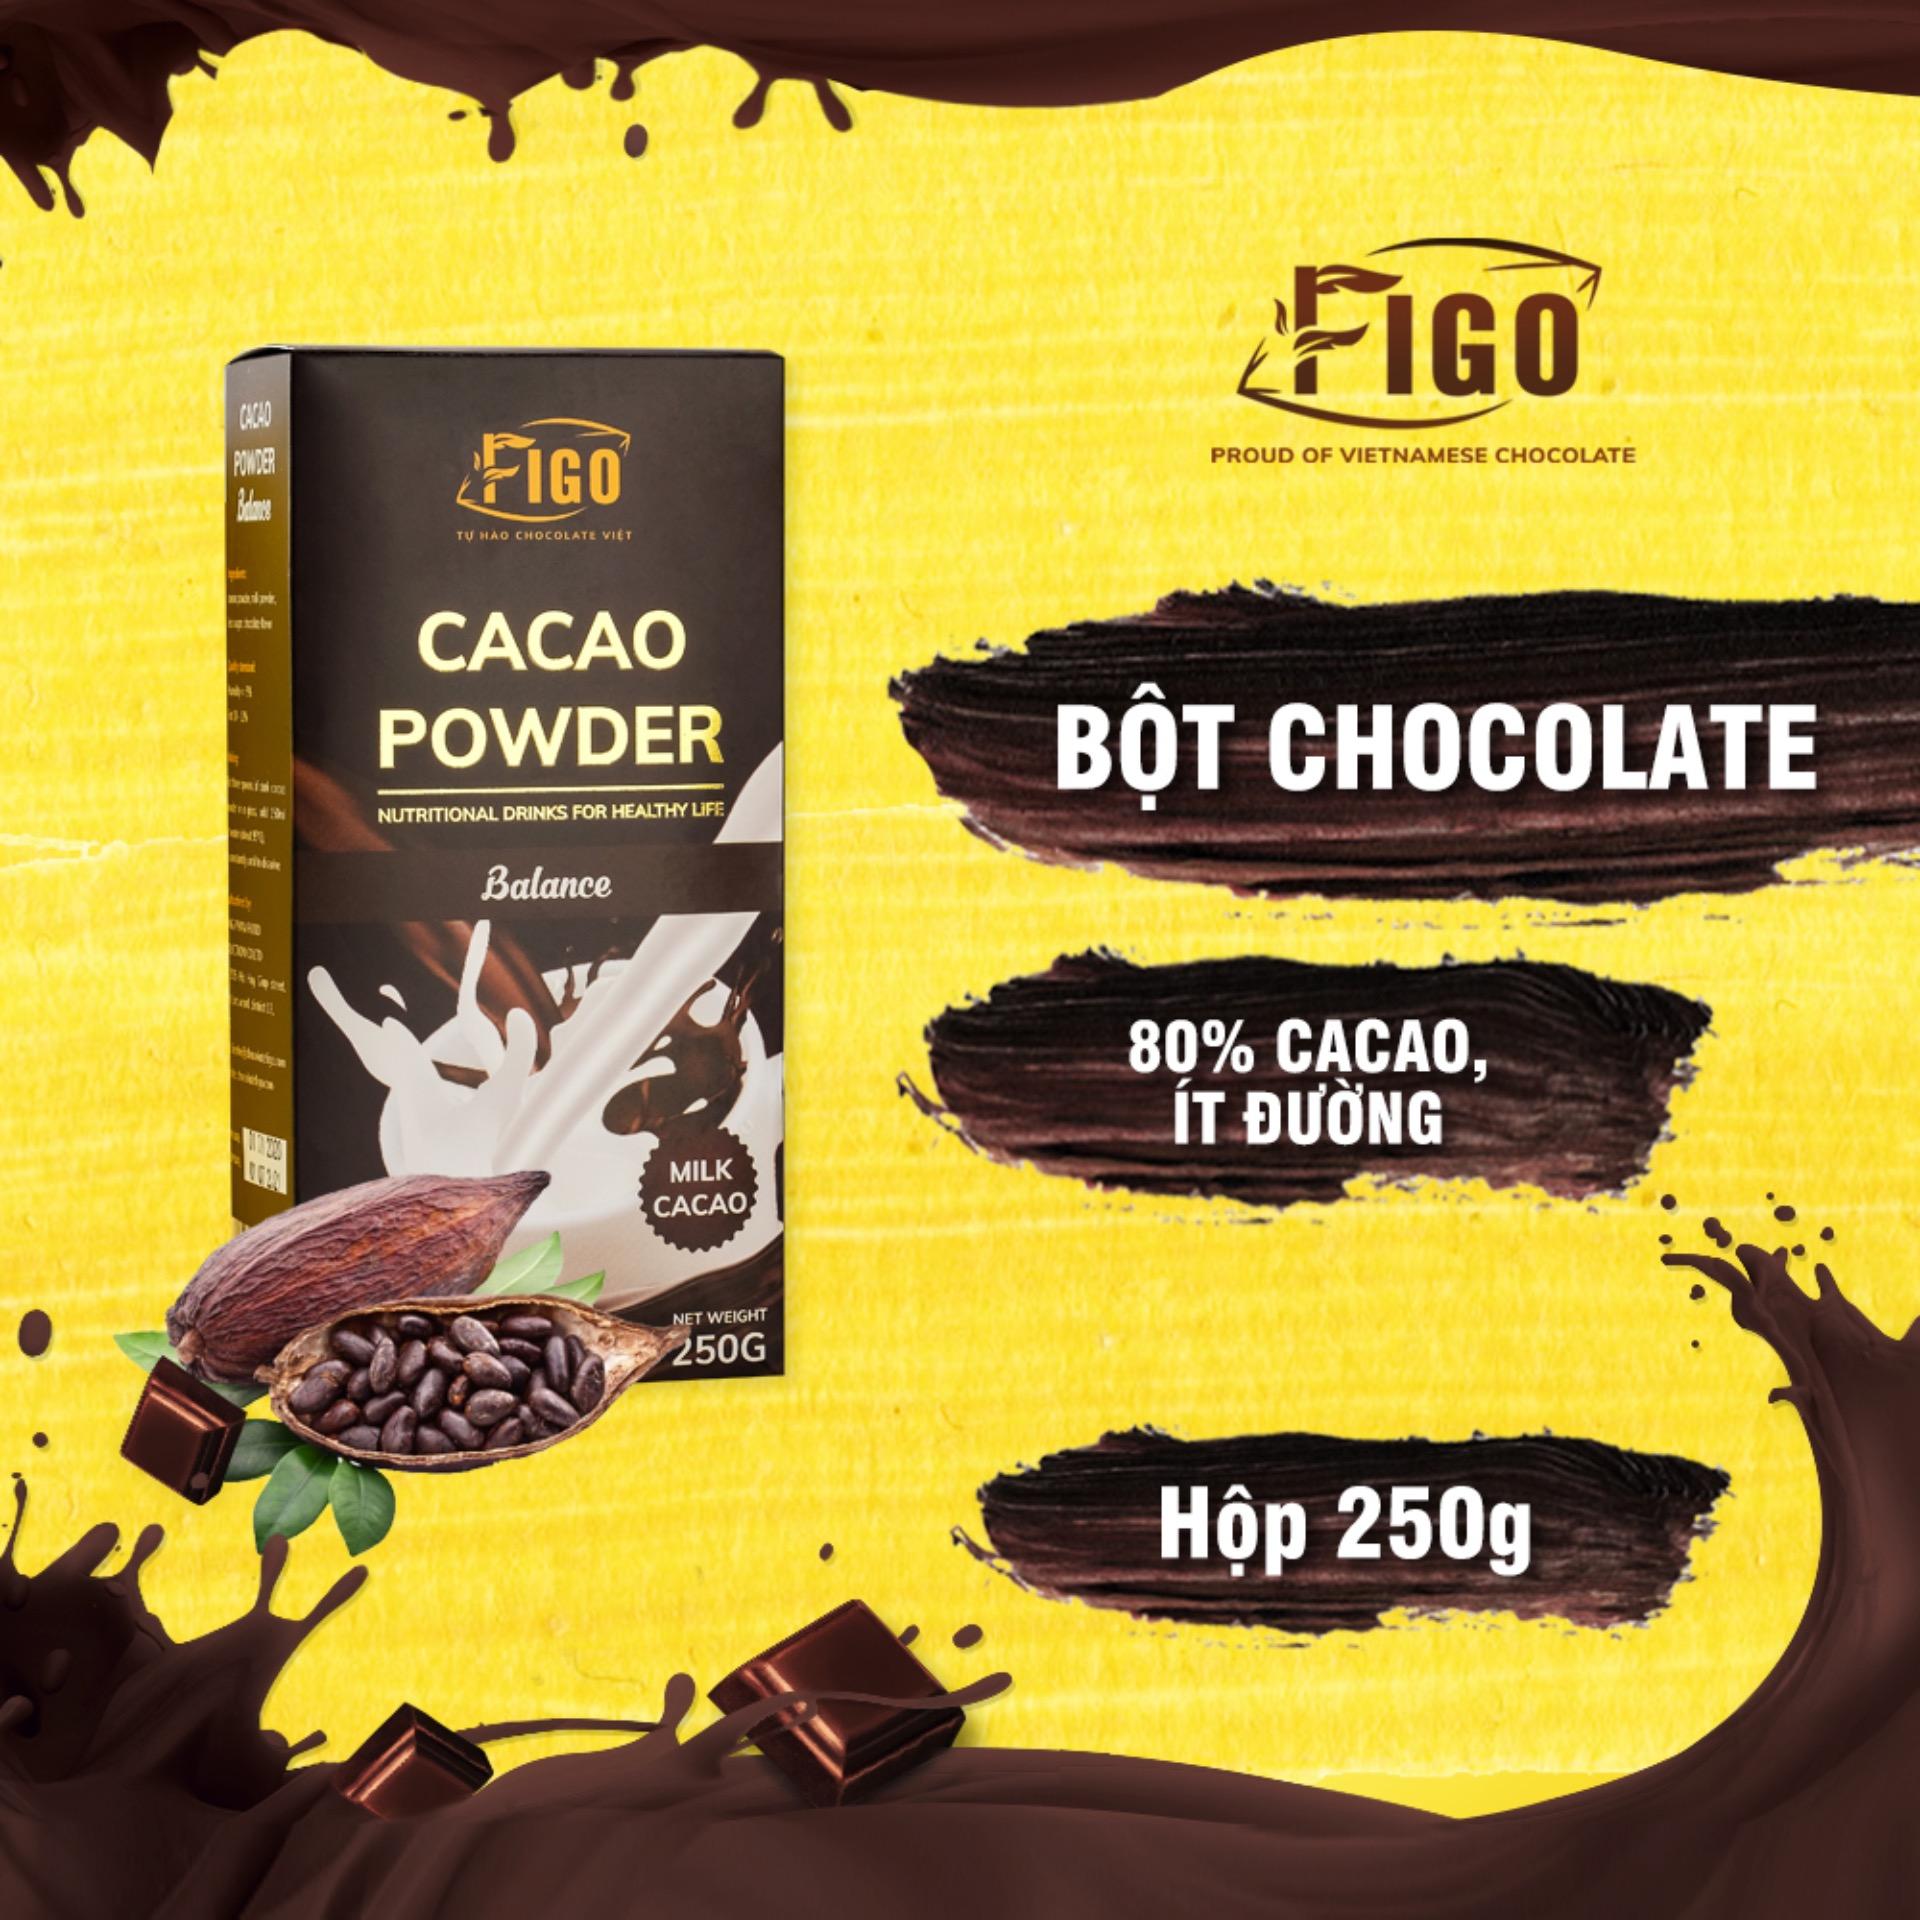 Voucher Khuyến Mãi Bột Sô Cô La Sữa 80% Cacao Pha Uống 80% Cacao Figo 250gram